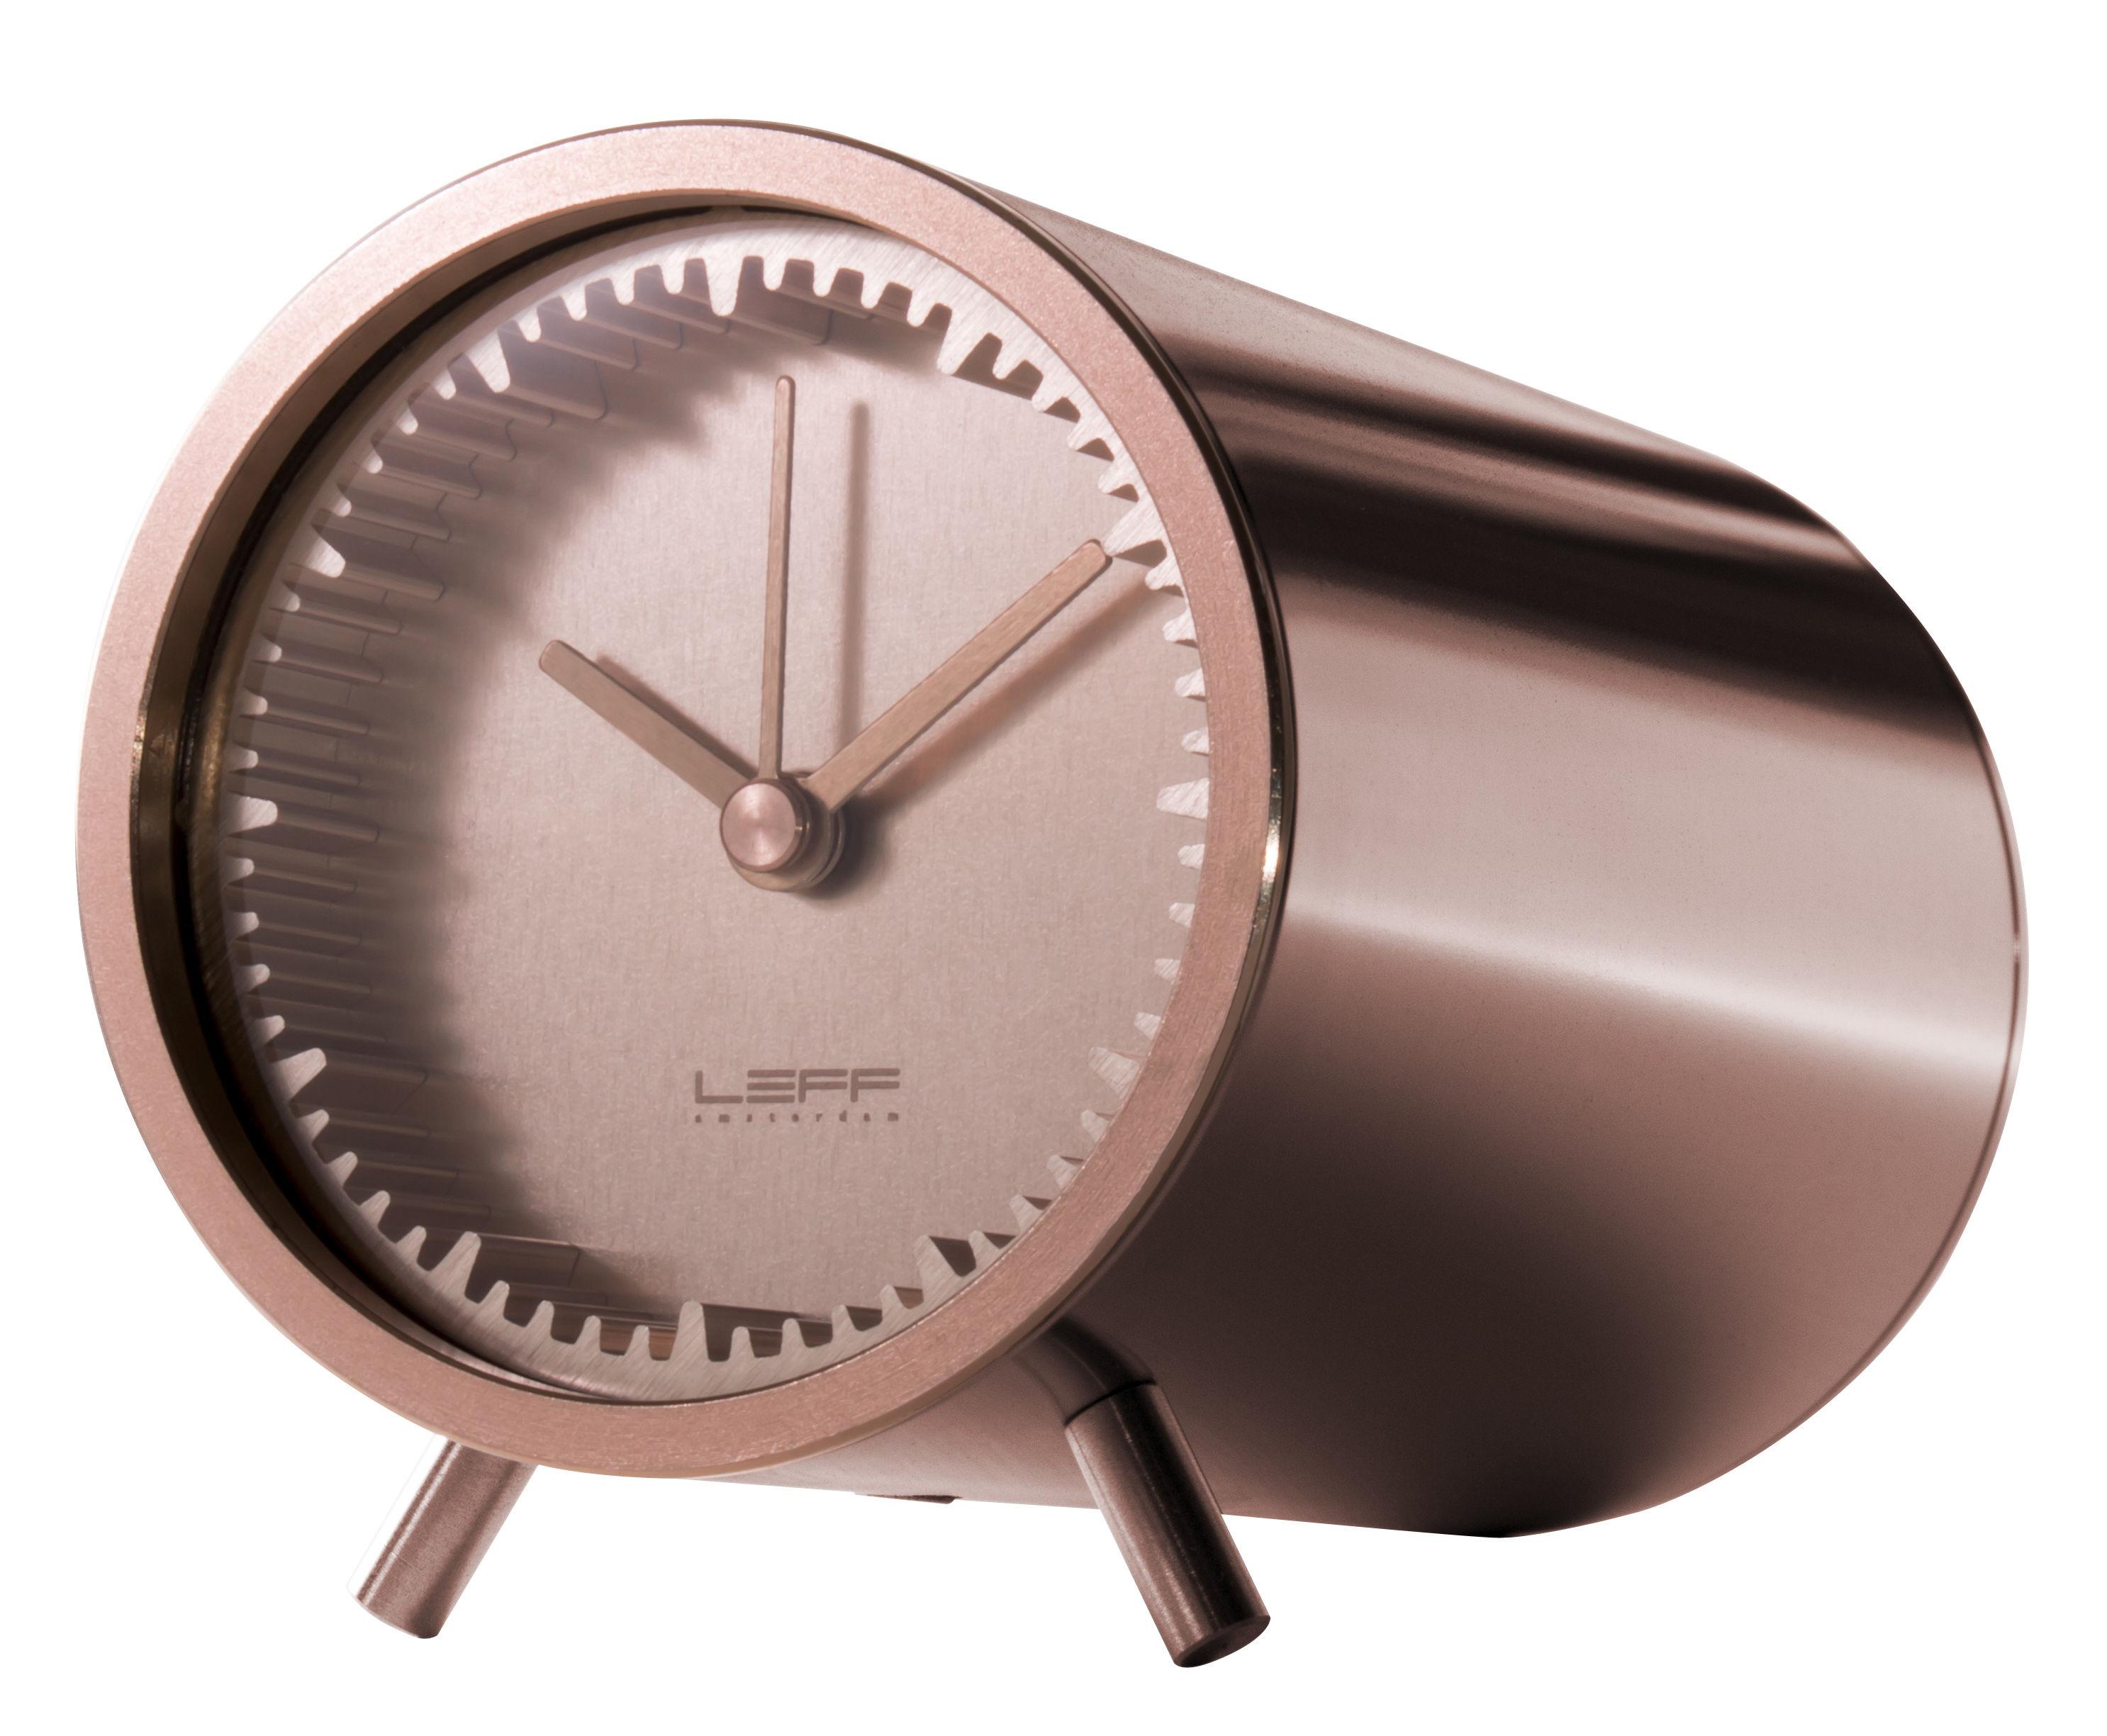 Déco - Horloges  - Horloge à poser Tube / Ø 5 cm - LEFF amsterdam - Cuivre - Acier inoxydable